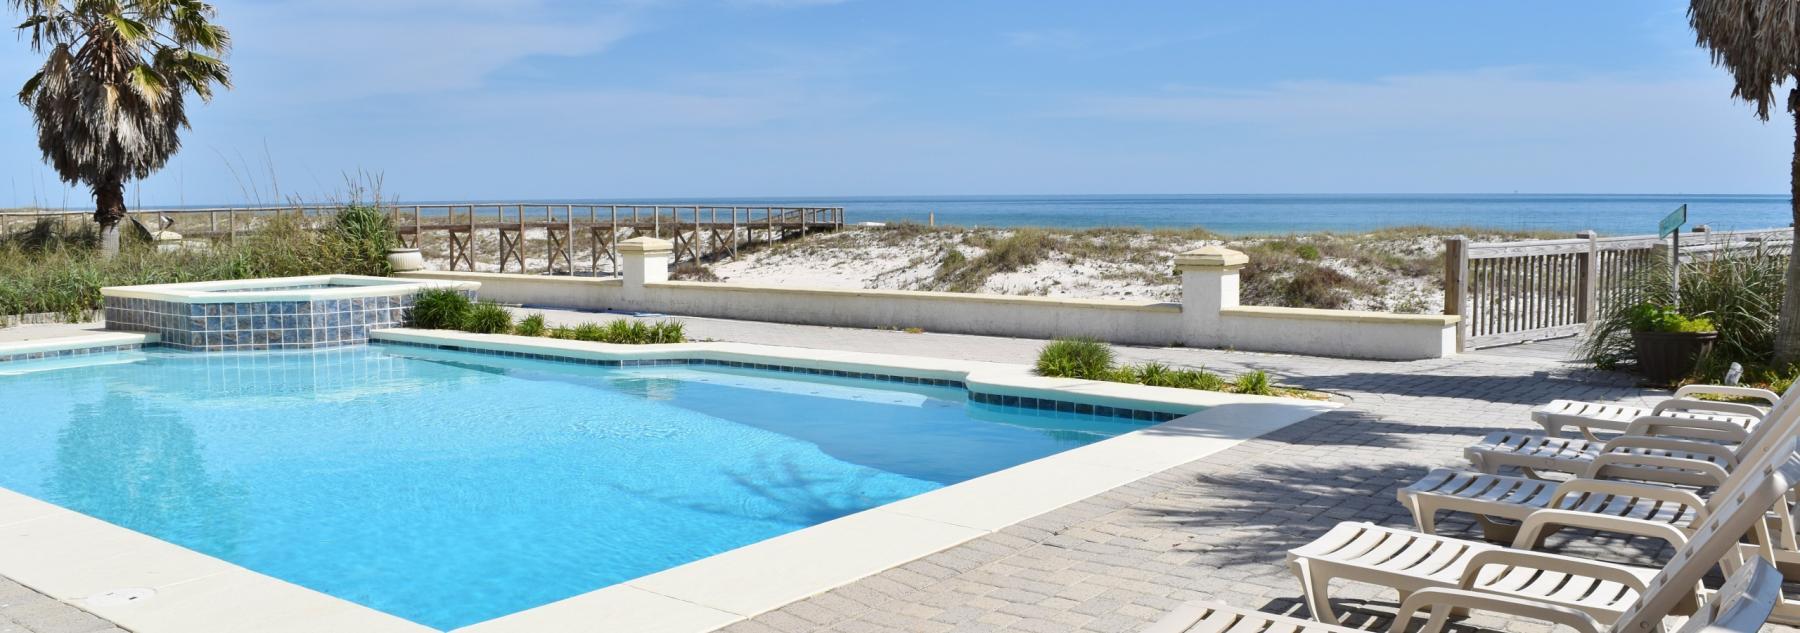 Private Pool Kiva Grand Gulf Shores